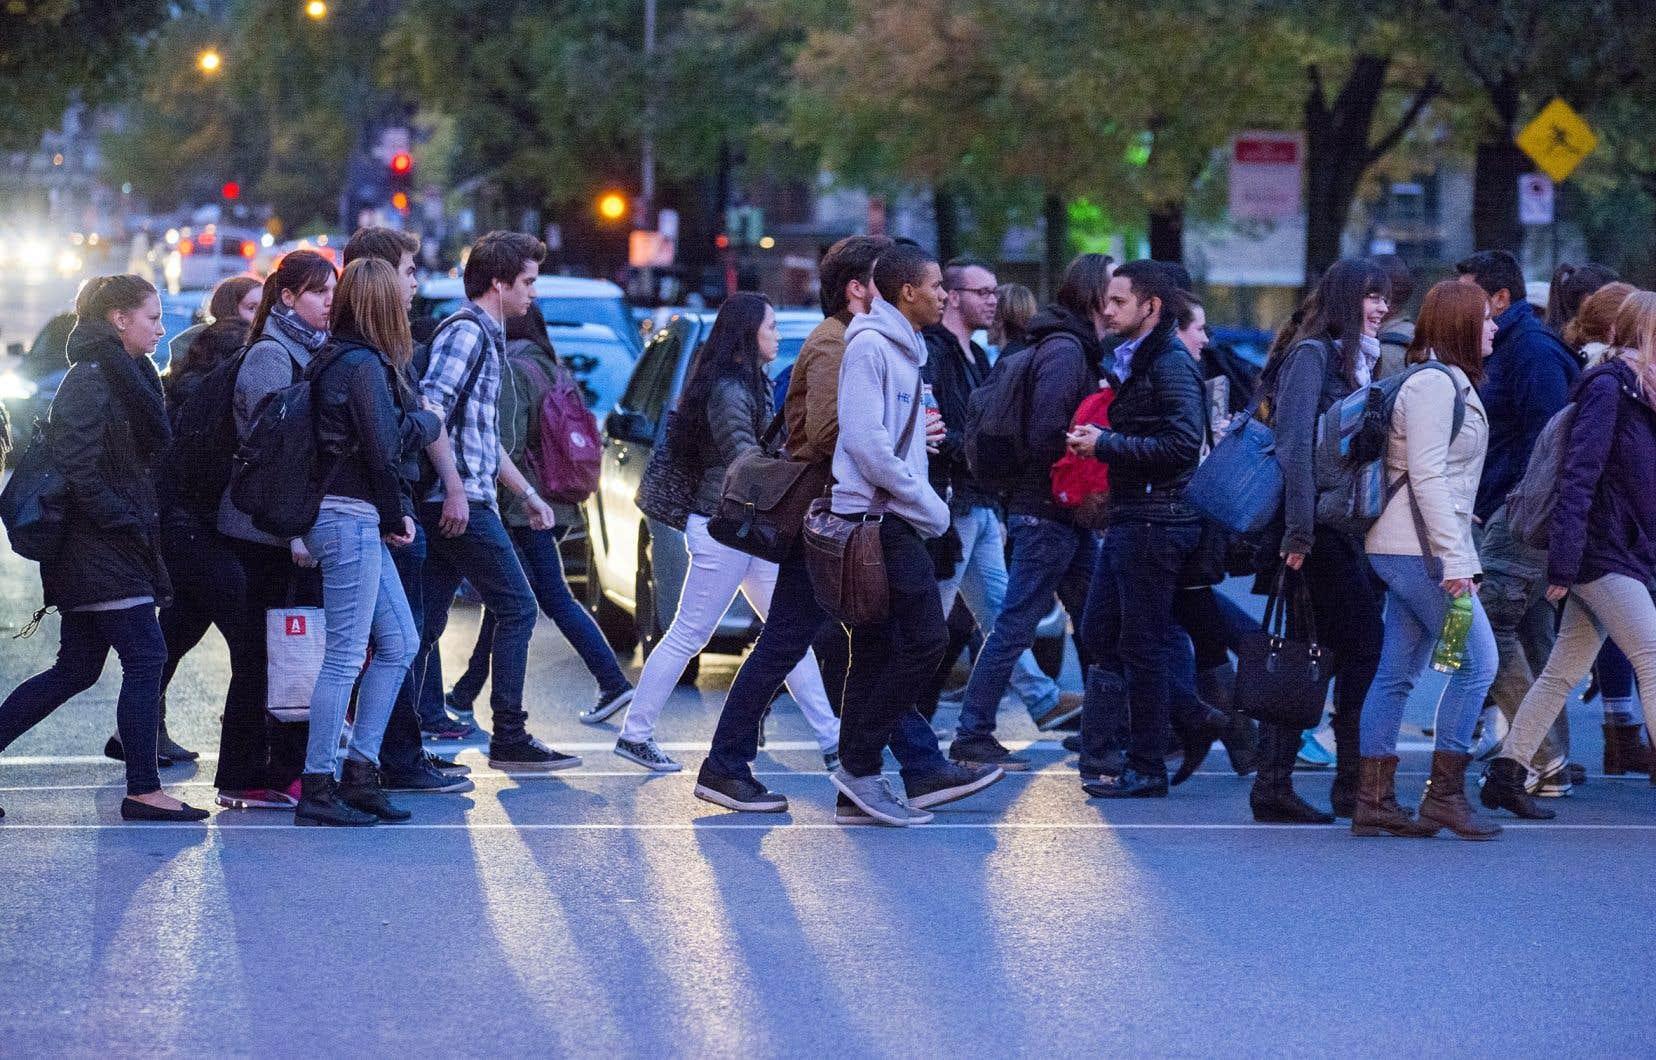 La question du nombre de francophones à l'extérieur du Québec est une question malheureusement politisée qui refait surface à peu près tous les dix ans et qui donne droit, chaque fois, à des caricatures de part et d'autre.